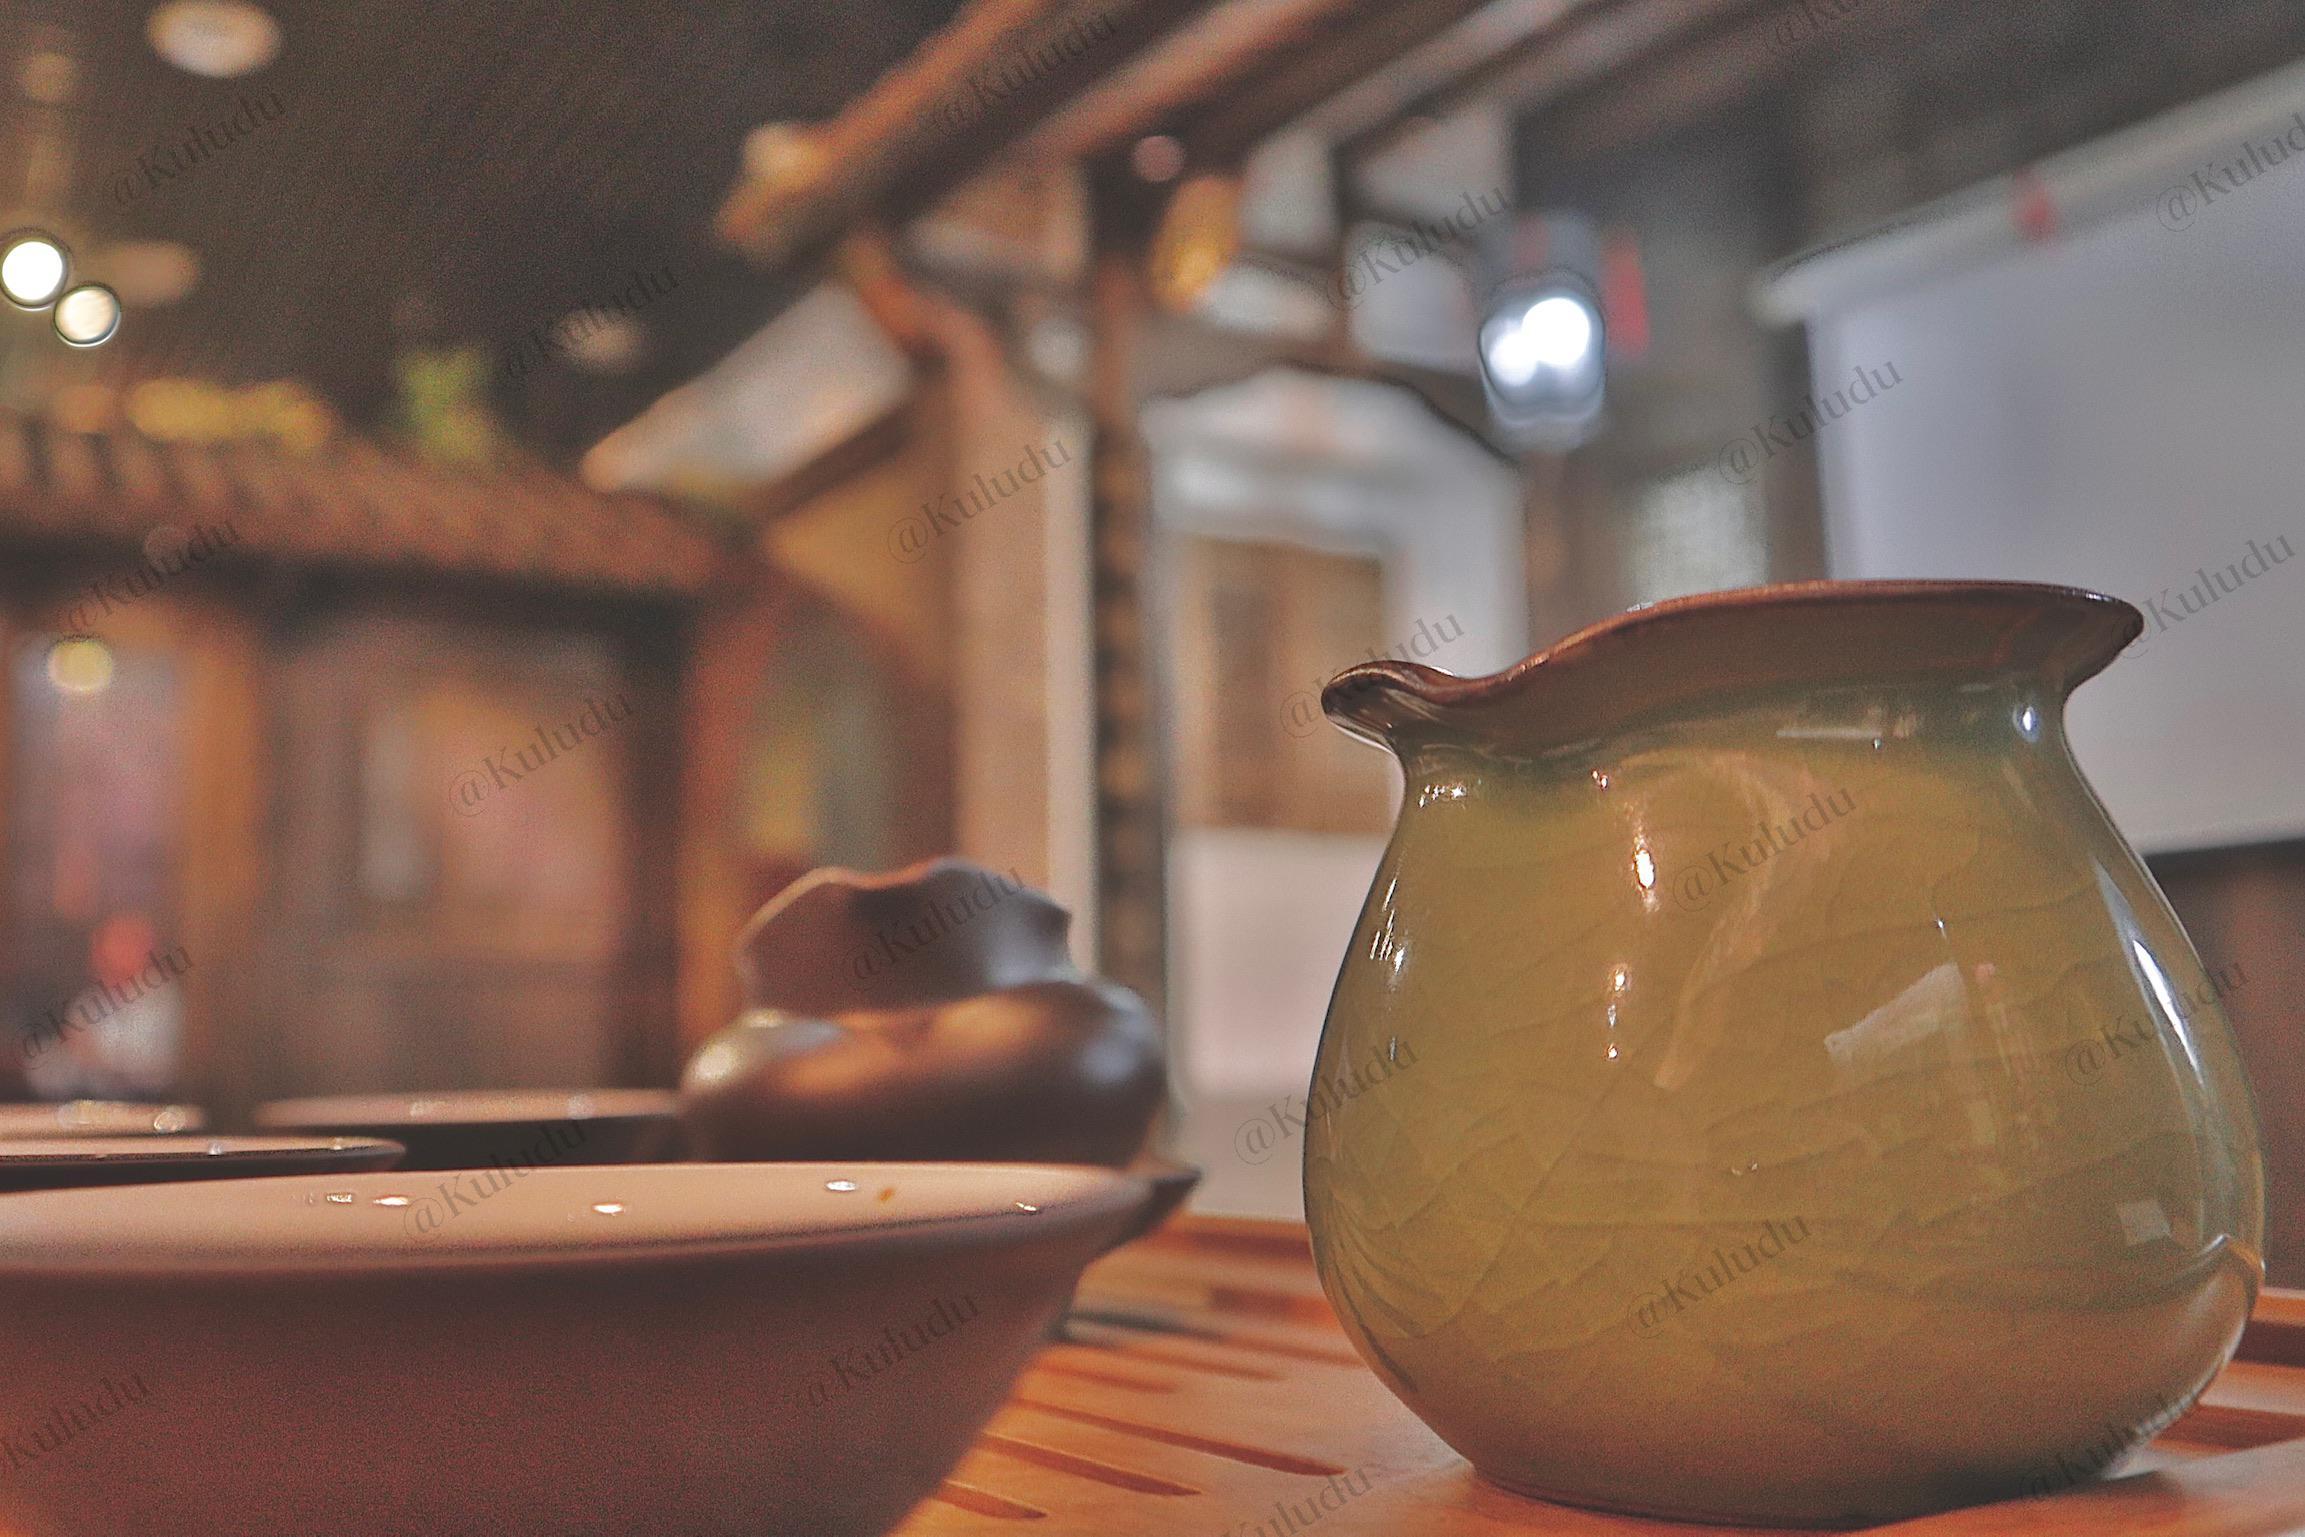 厦门博物馆的茶具.JPG